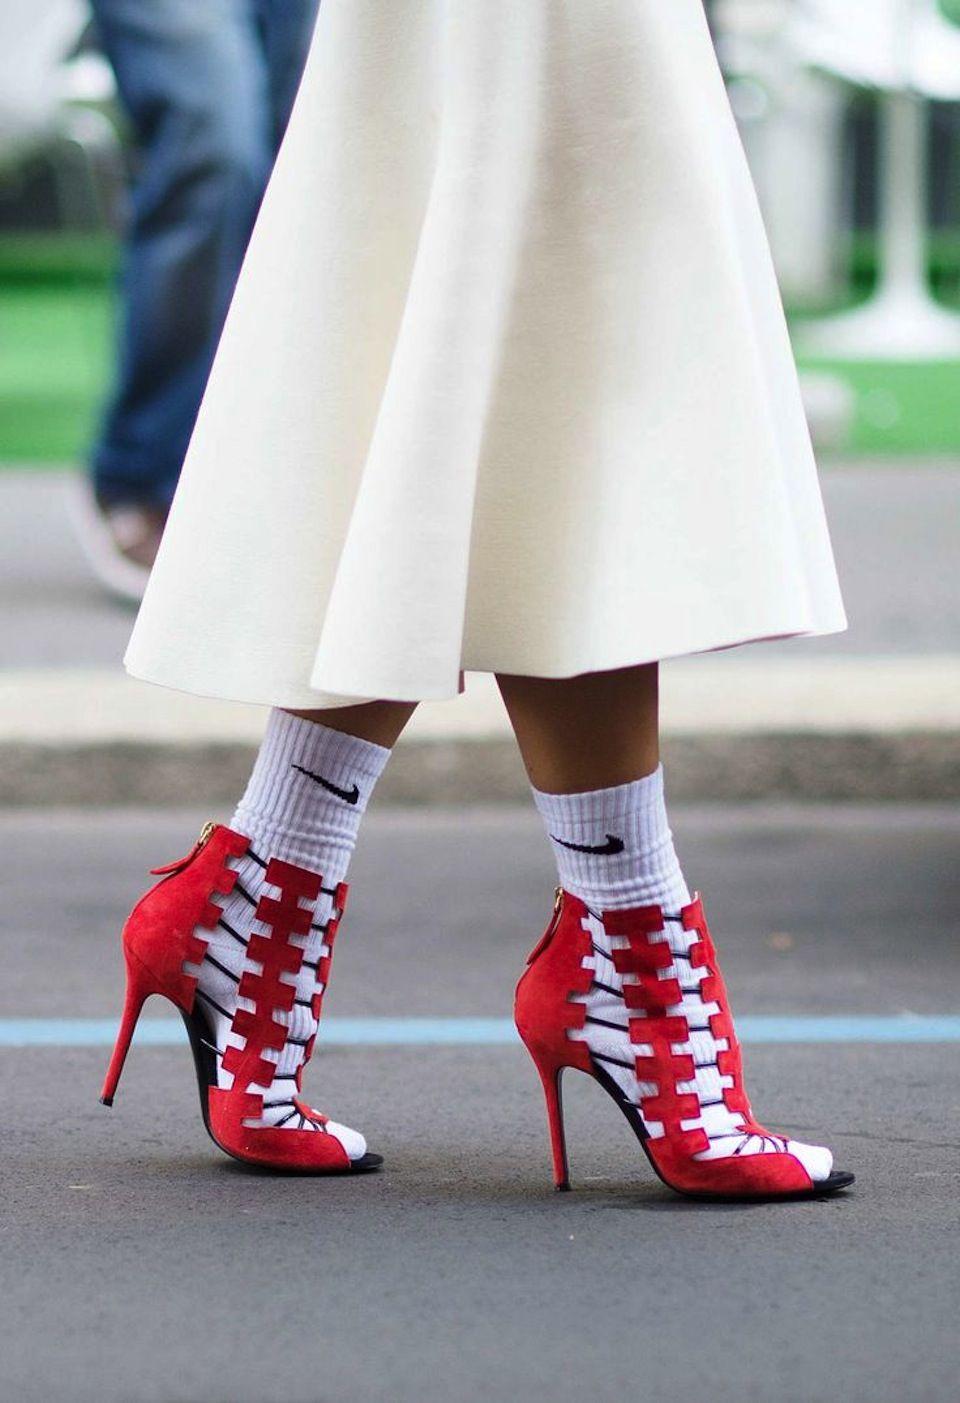 9a47b17ea0b Les chaussettes de sport et les sandales ouvertes